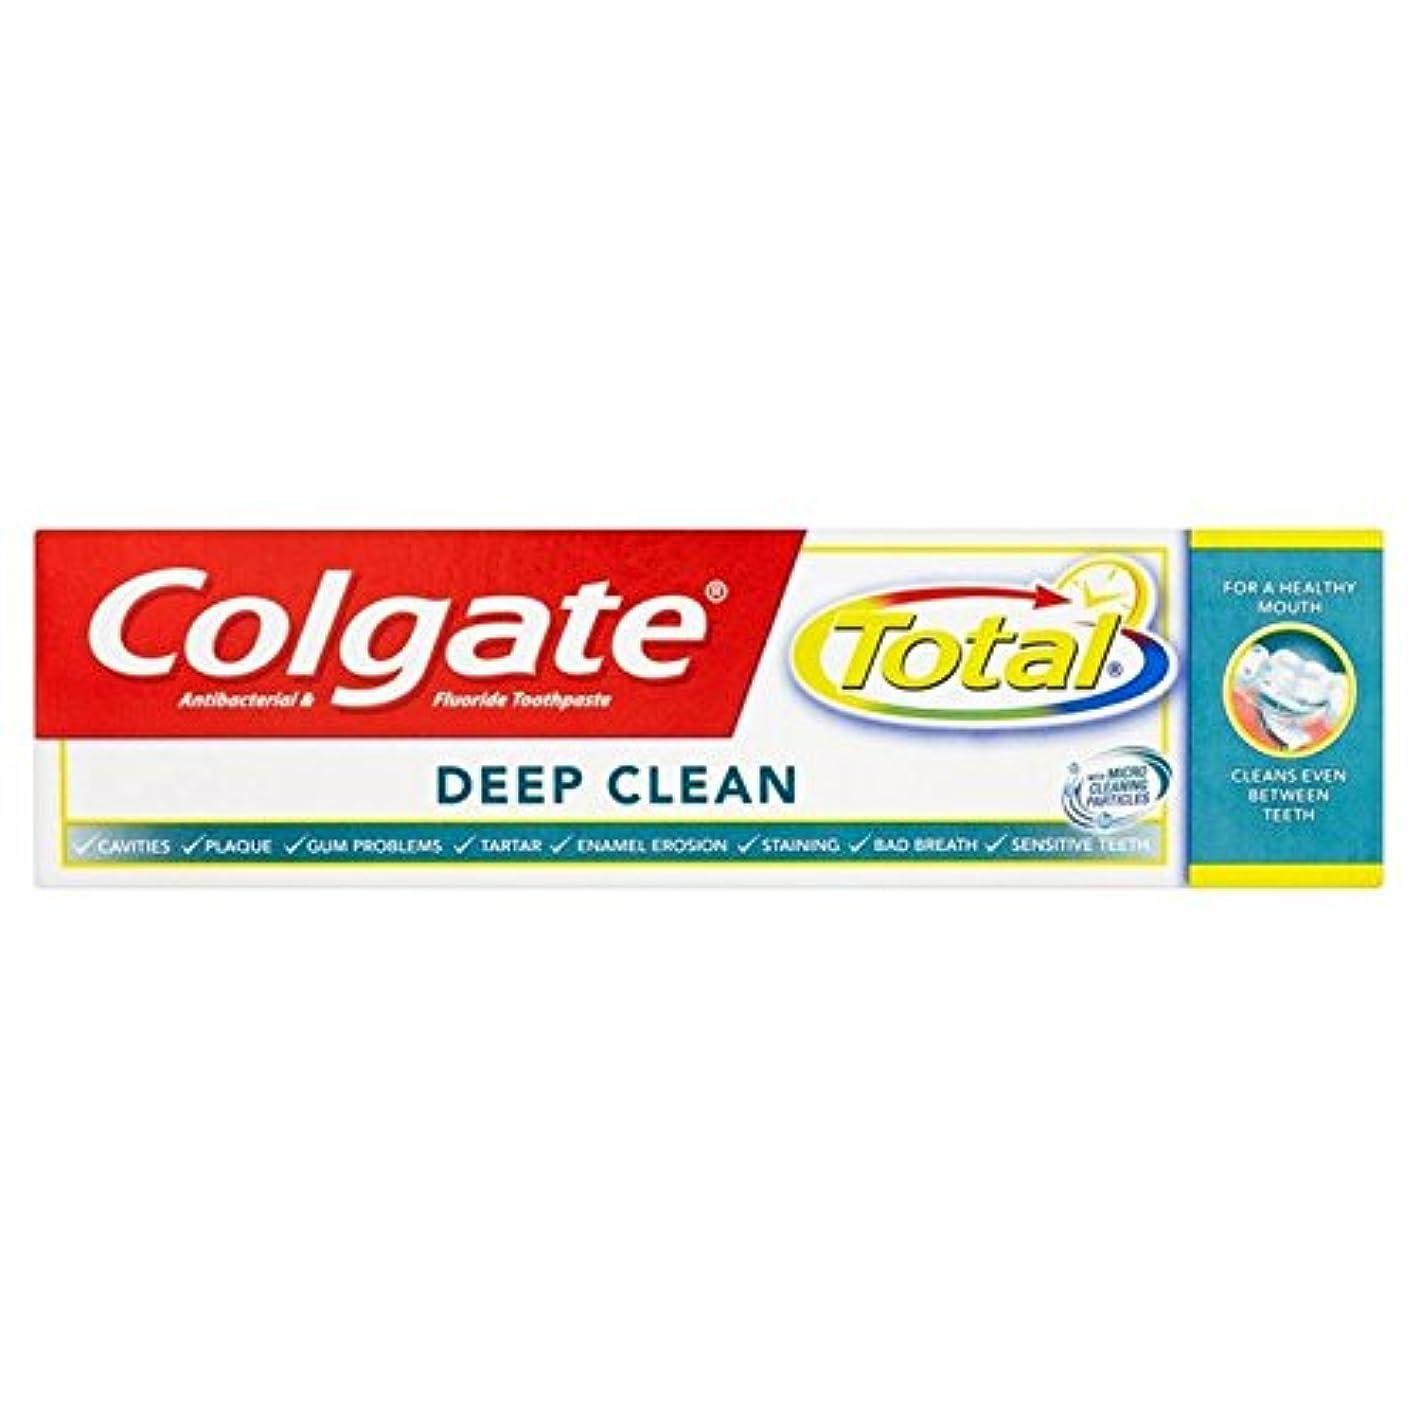 タイプバース道徳のコルゲートトータル深いクリーン歯磨き粉75ミリリットル x4 - Colgate Total Deep Clean Toothpaste 75ml (Pack of 4) [並行輸入品]